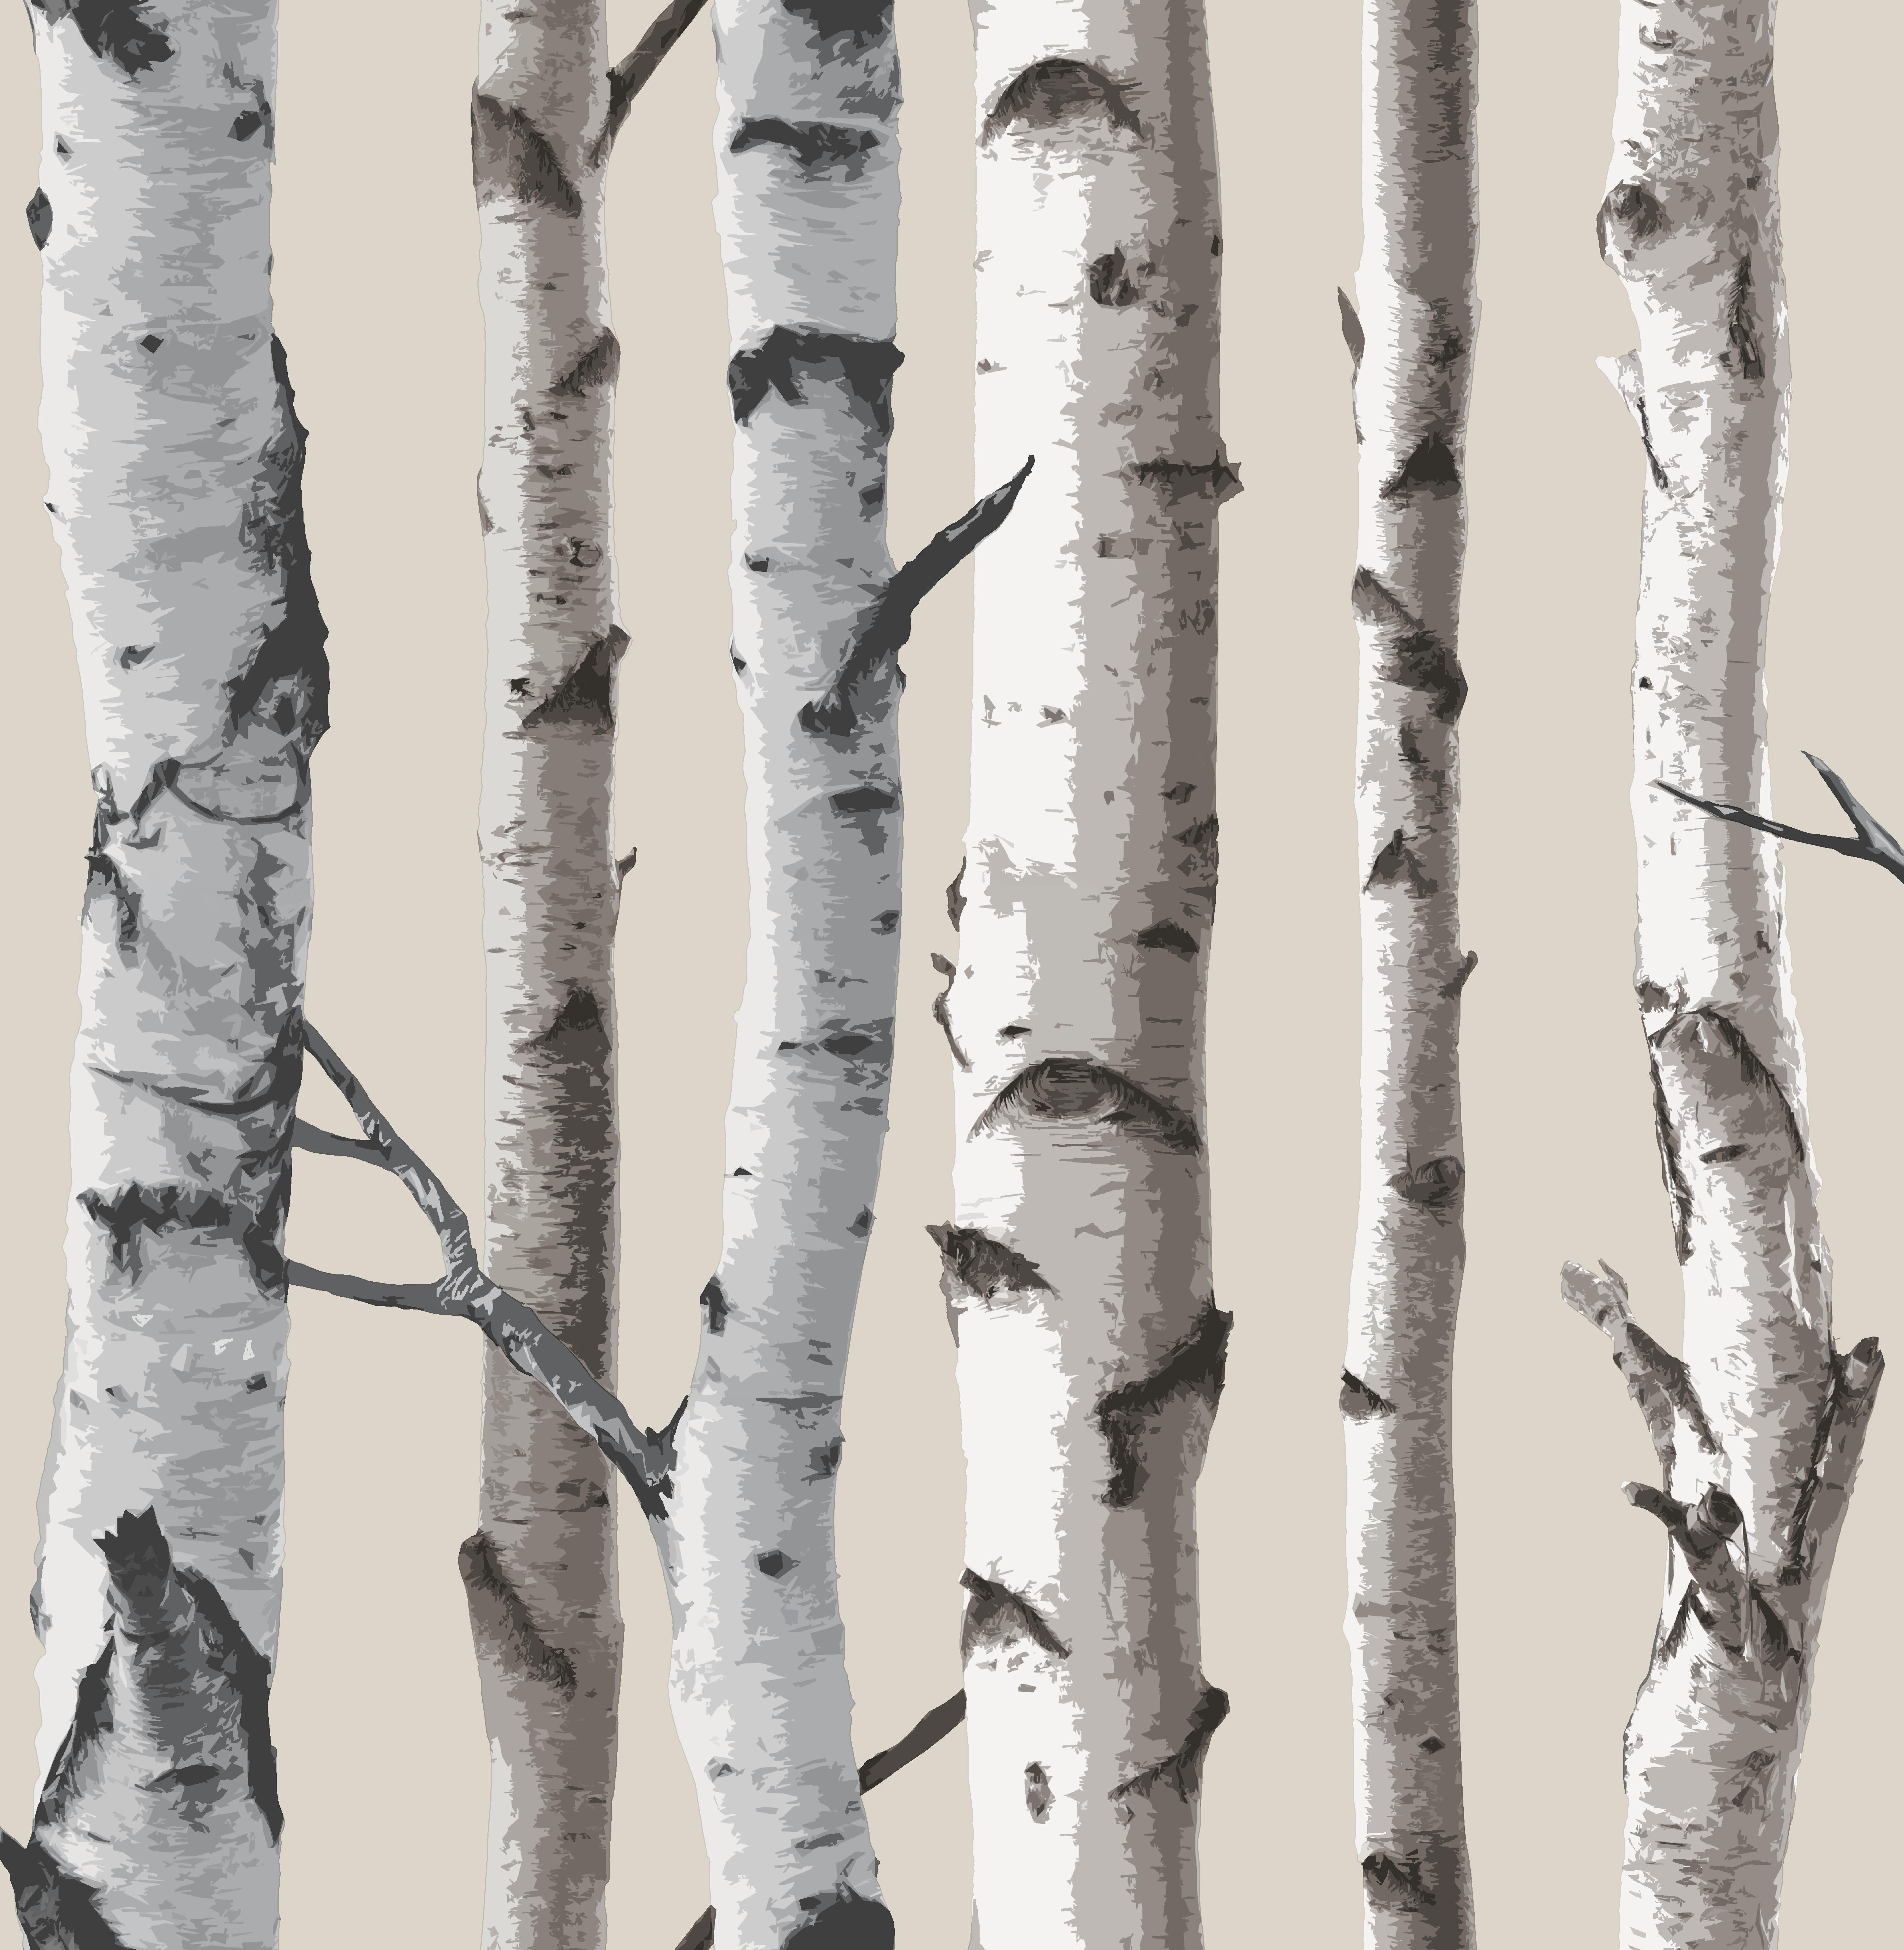 birch tree wallpaper fd31051 8 99 fine decor wallcoverings birch 5207x5334